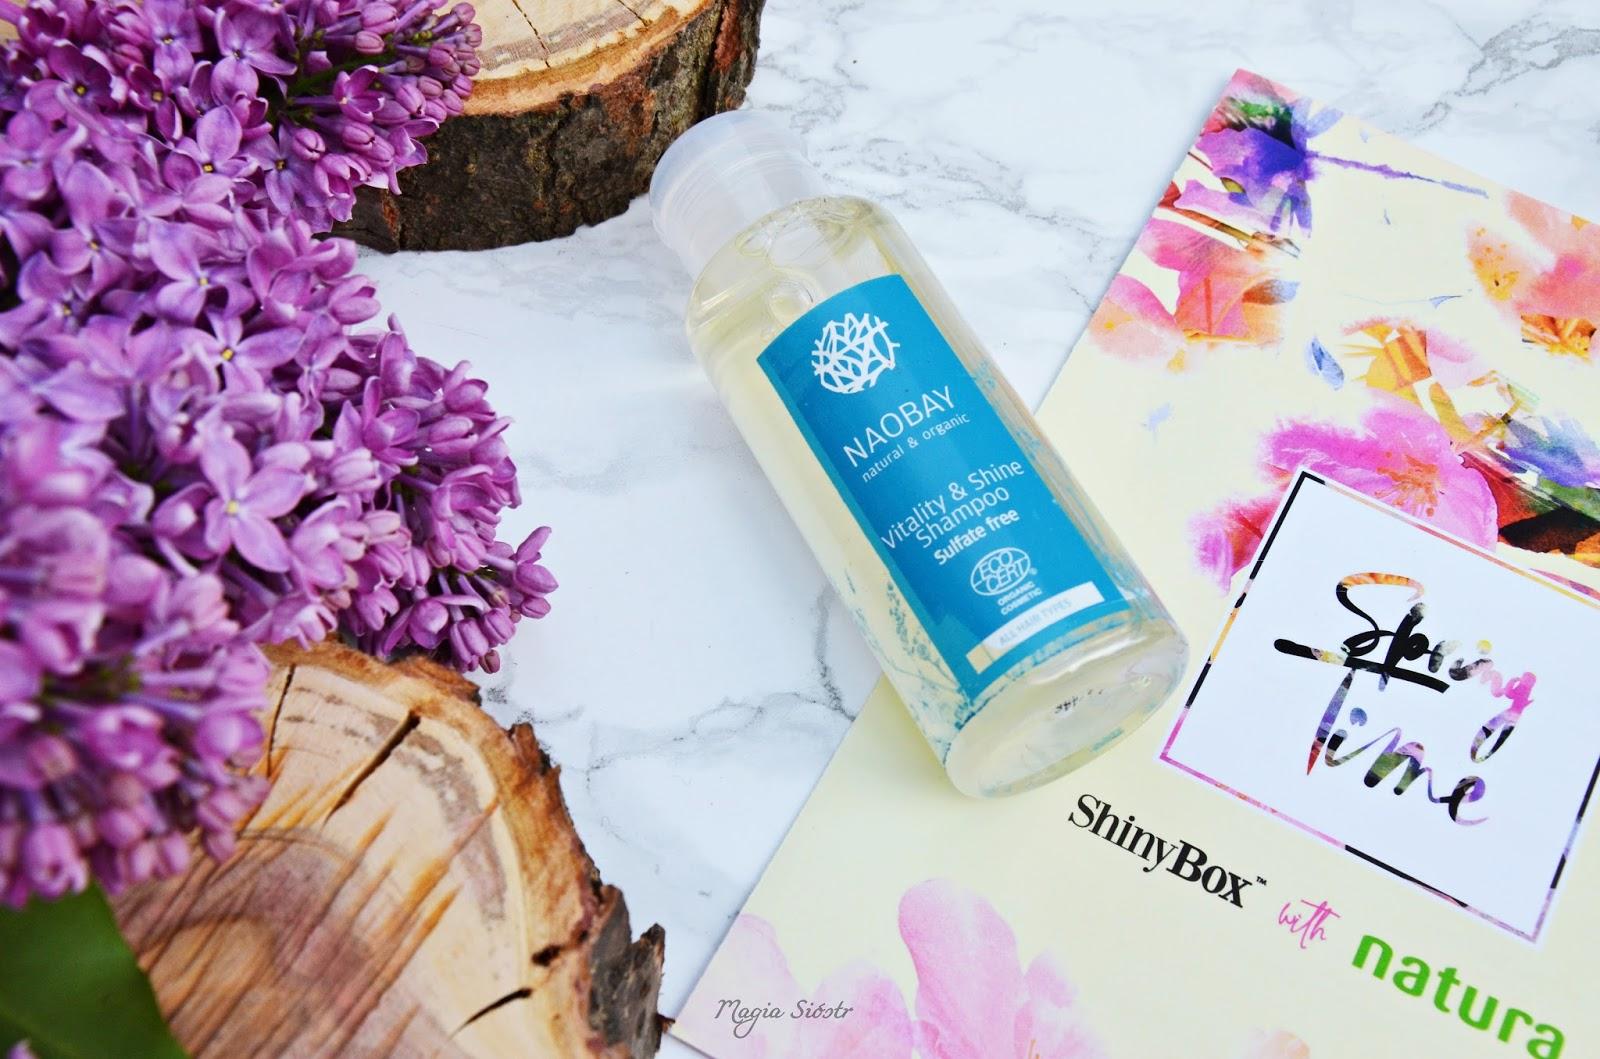 Szampon do włosów, naobay, organiczy szampon, wegański szampon.